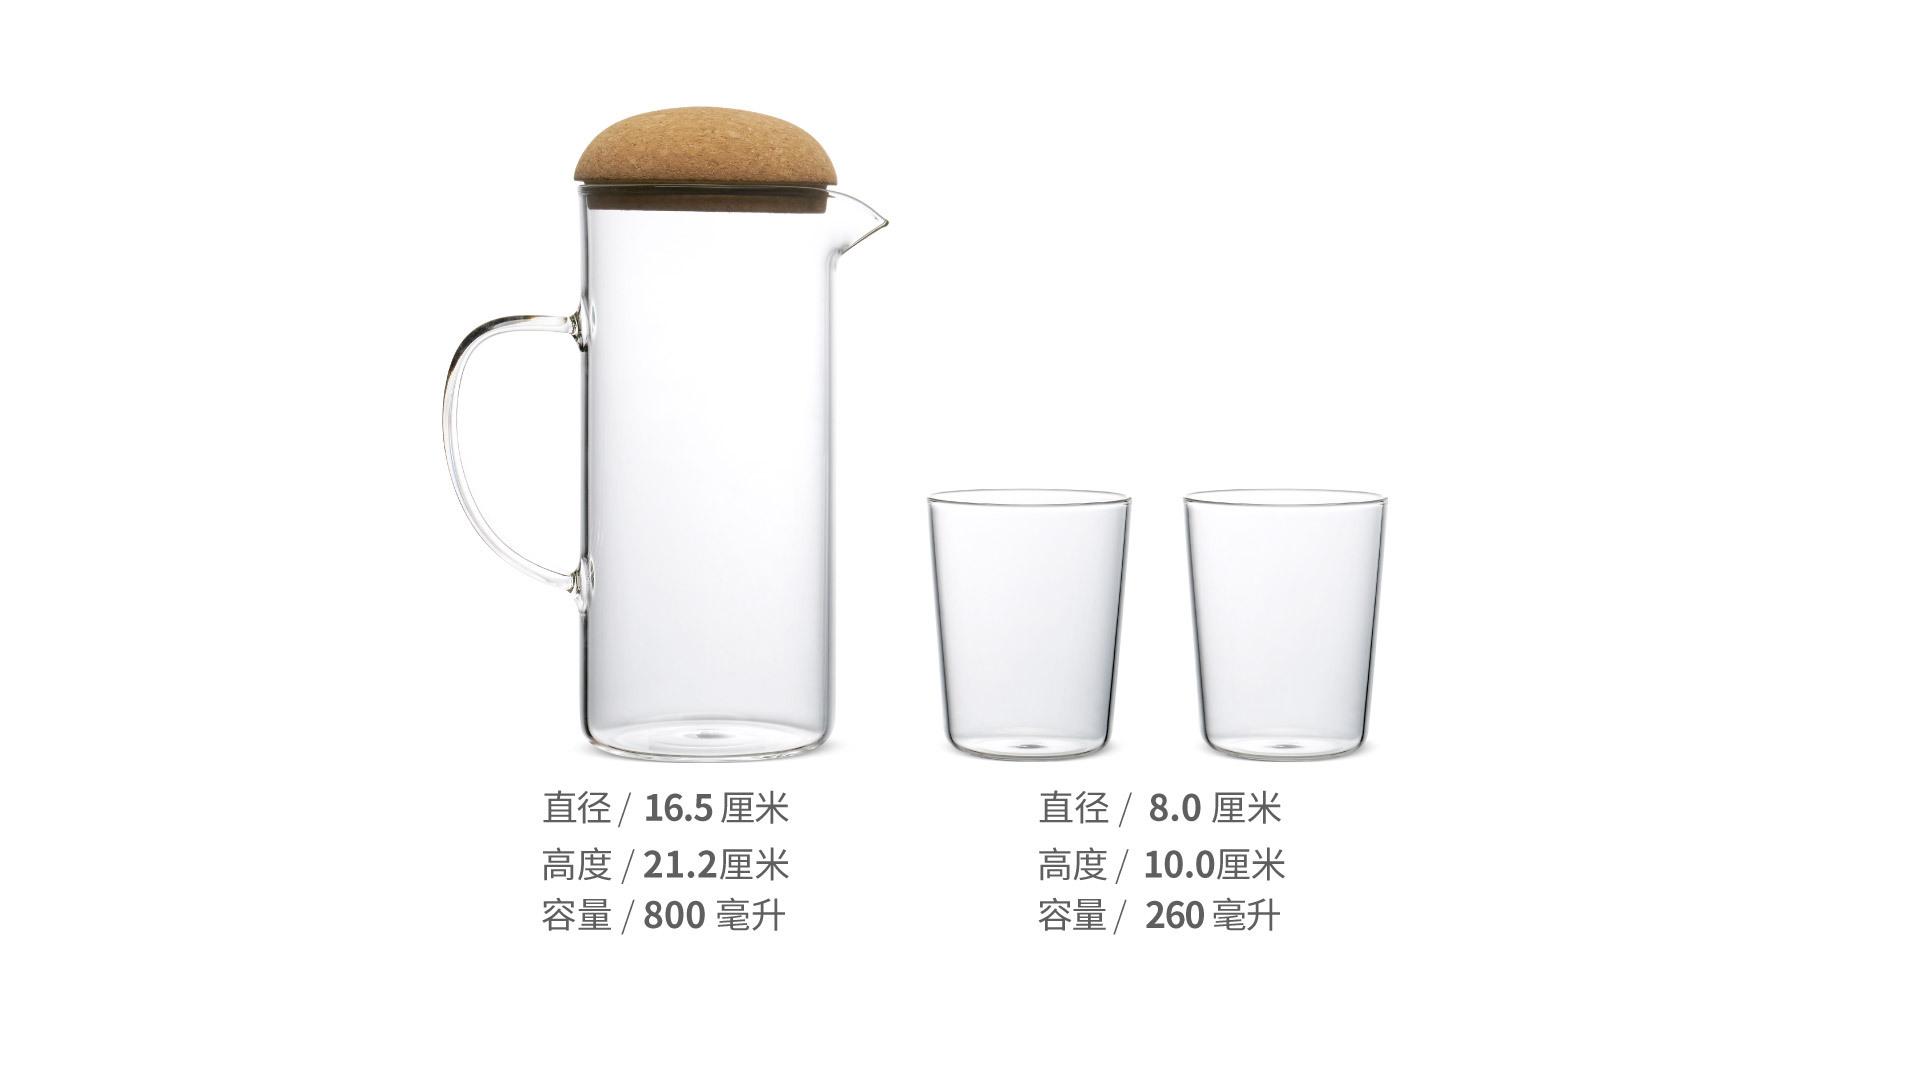 蘑菇高硼硅水壶套装餐具效果图